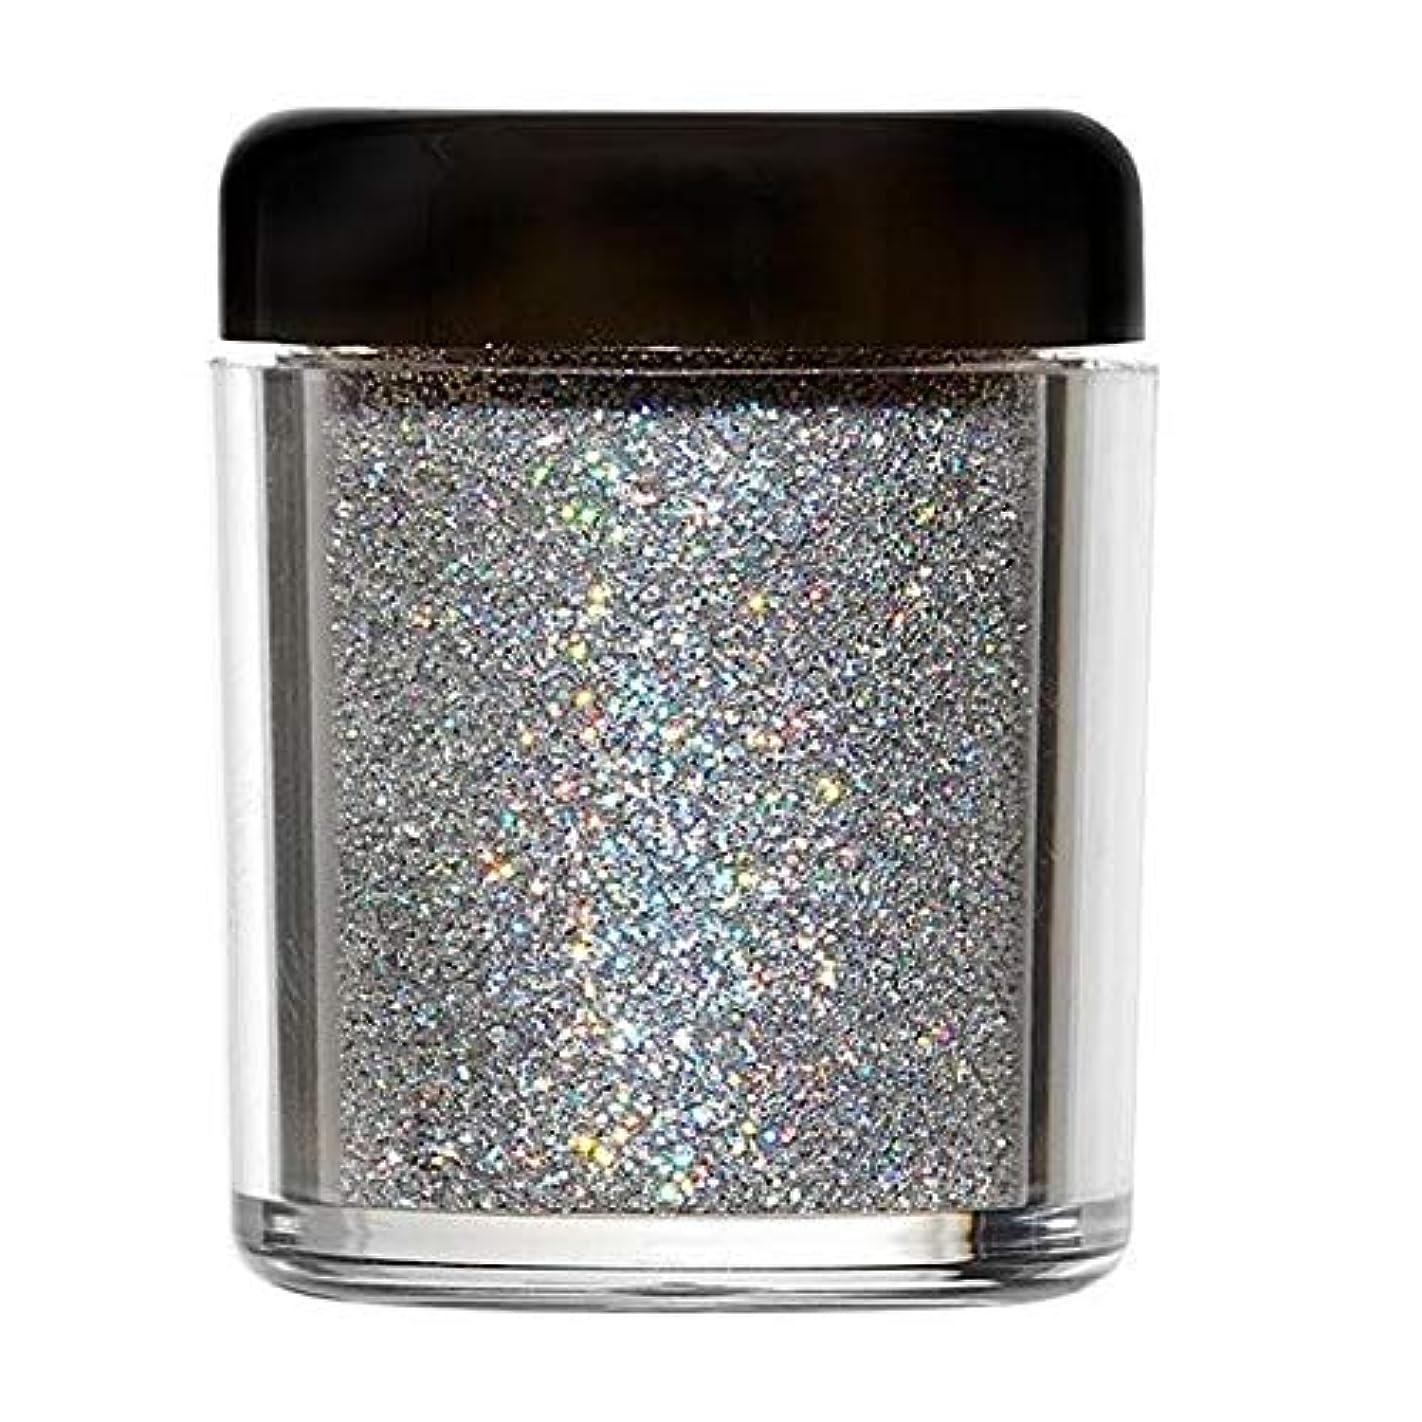 巨大な生命体加速度[Barry M ] バリーメートルのグリッターラッシュボディの輝き - ムーンストーン - Barry M Glitter Rush Body Glitter - Moonstone [並行輸入品]